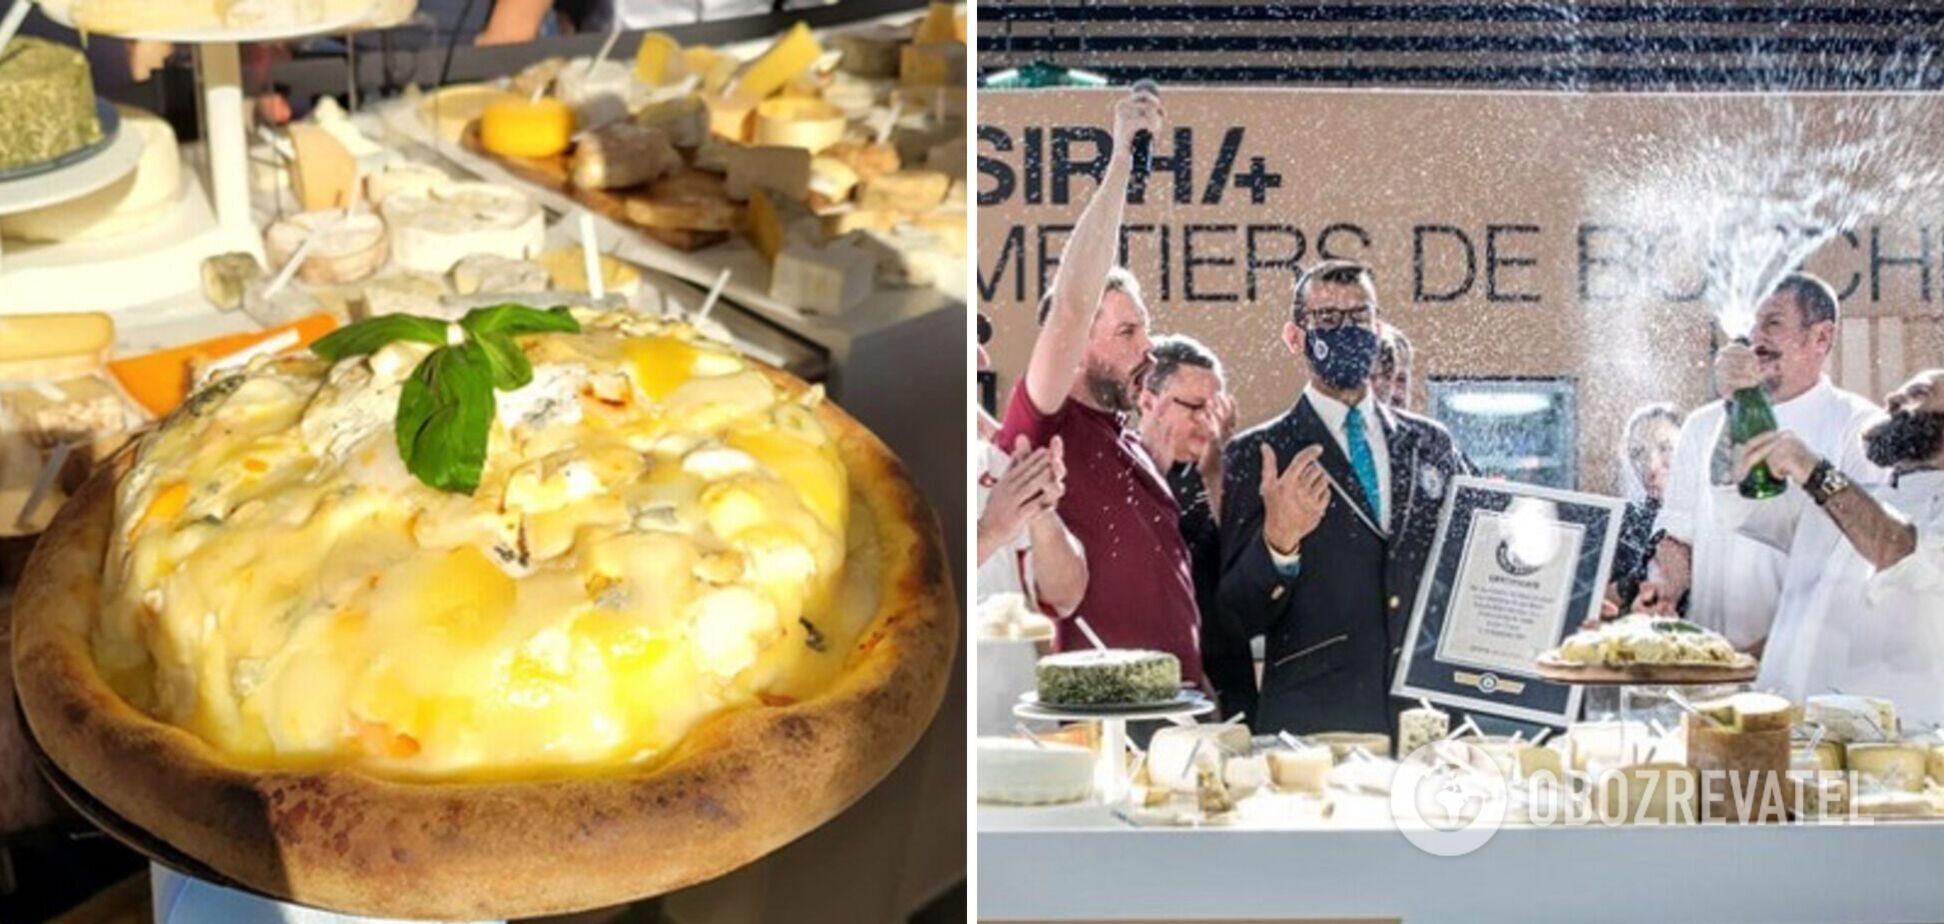 Піца з 800 видів сирів – новий рекорд Гіннеса встановили французькі шеф-кухарі